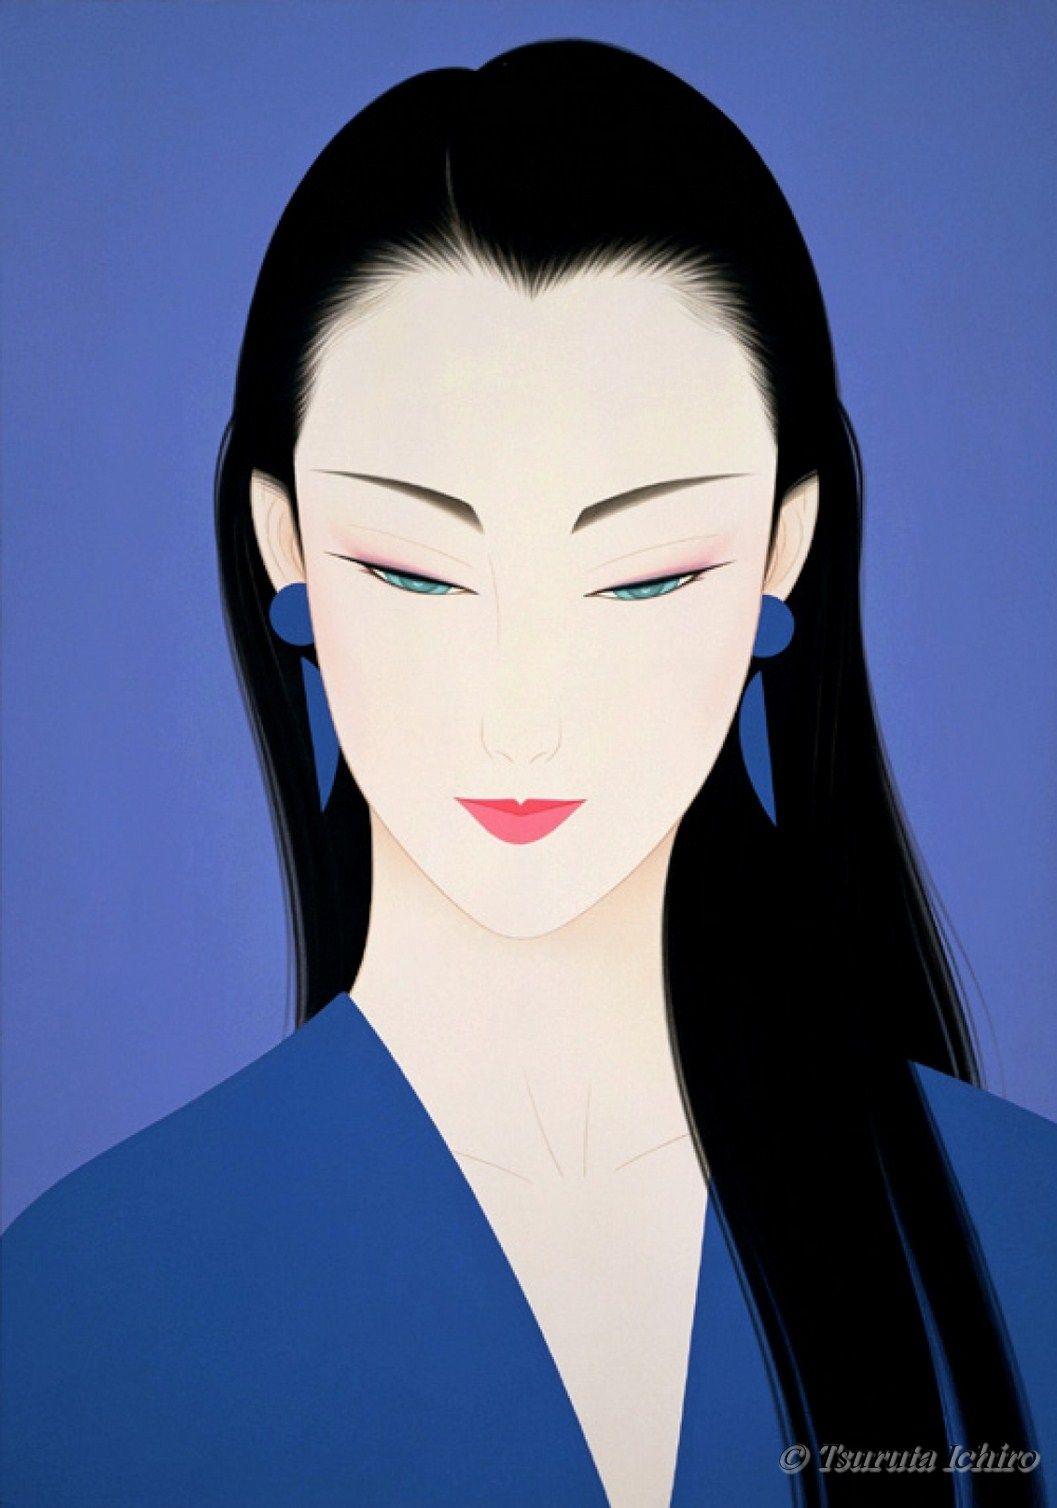 Tsuruta ichiro illustration illustrazioni japan art for Sei bella e non per quel filo di trucco